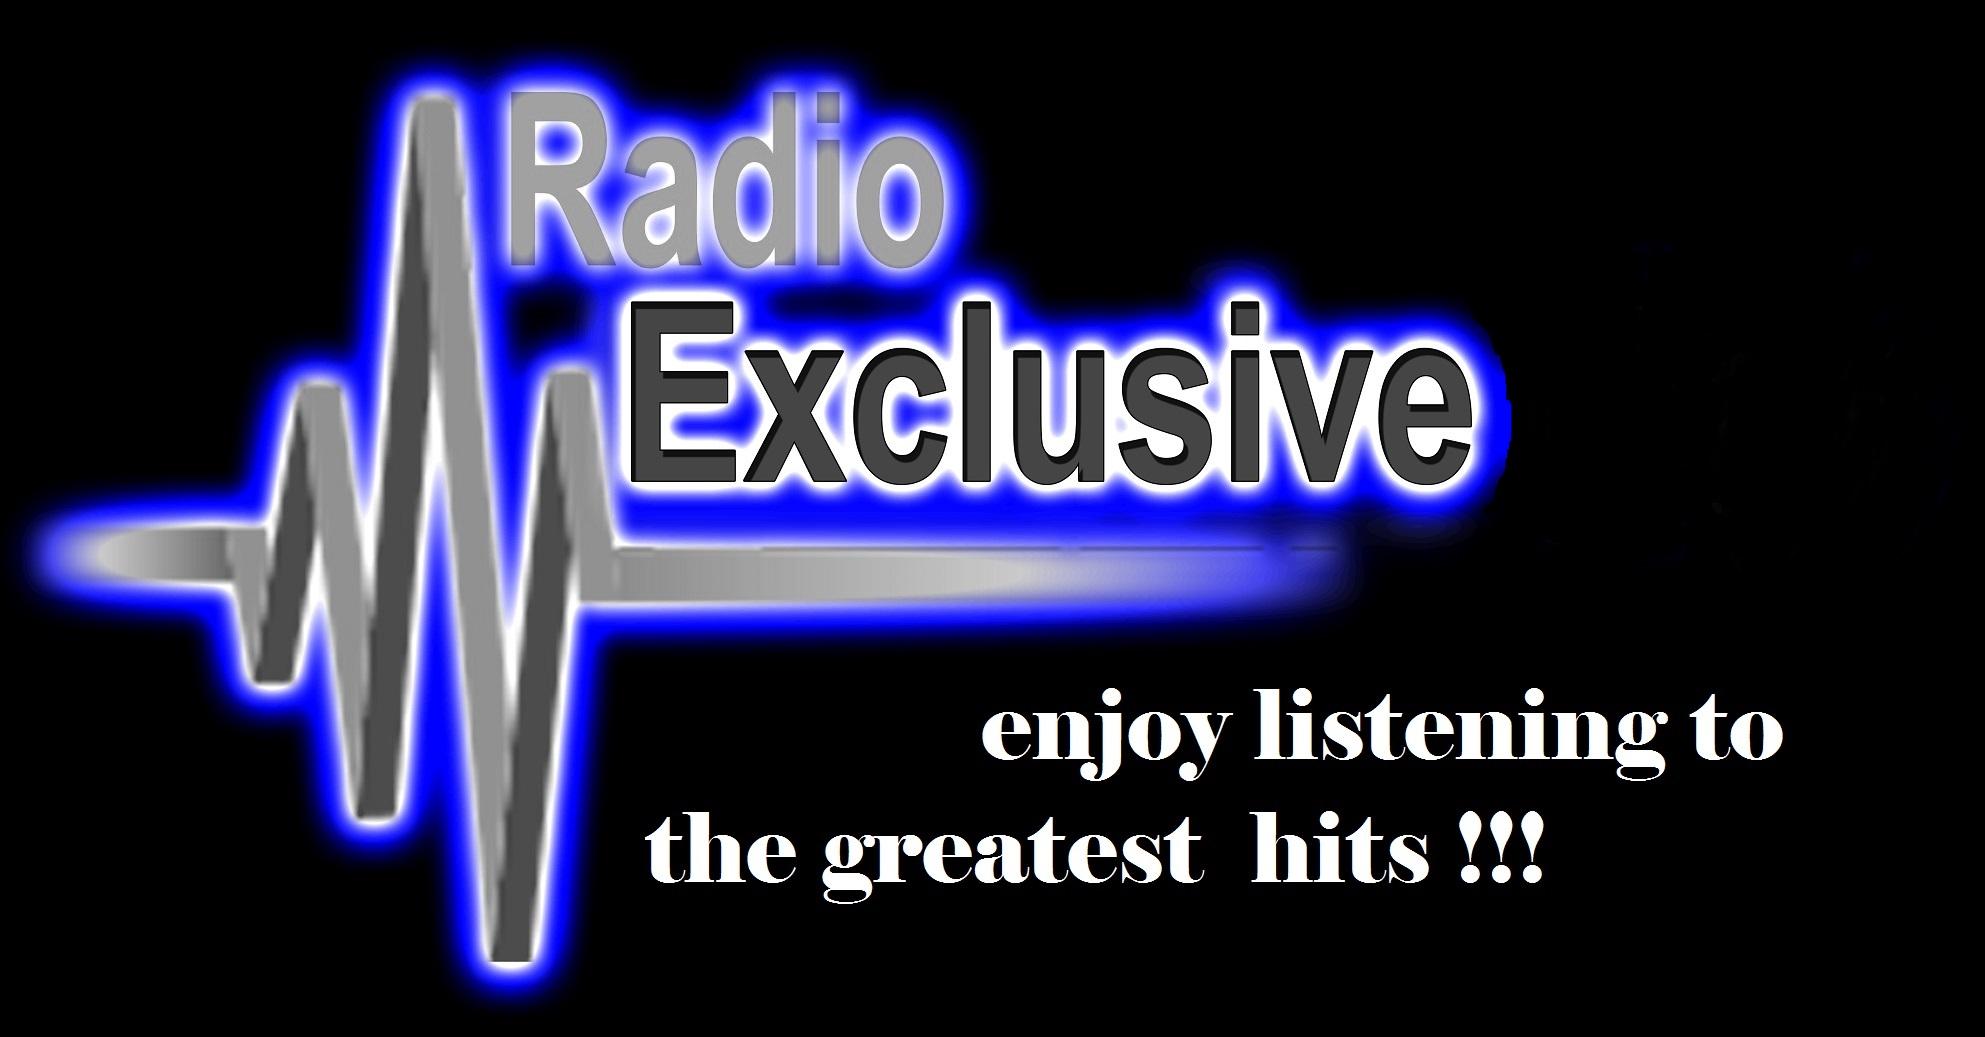 Radio Exclusive